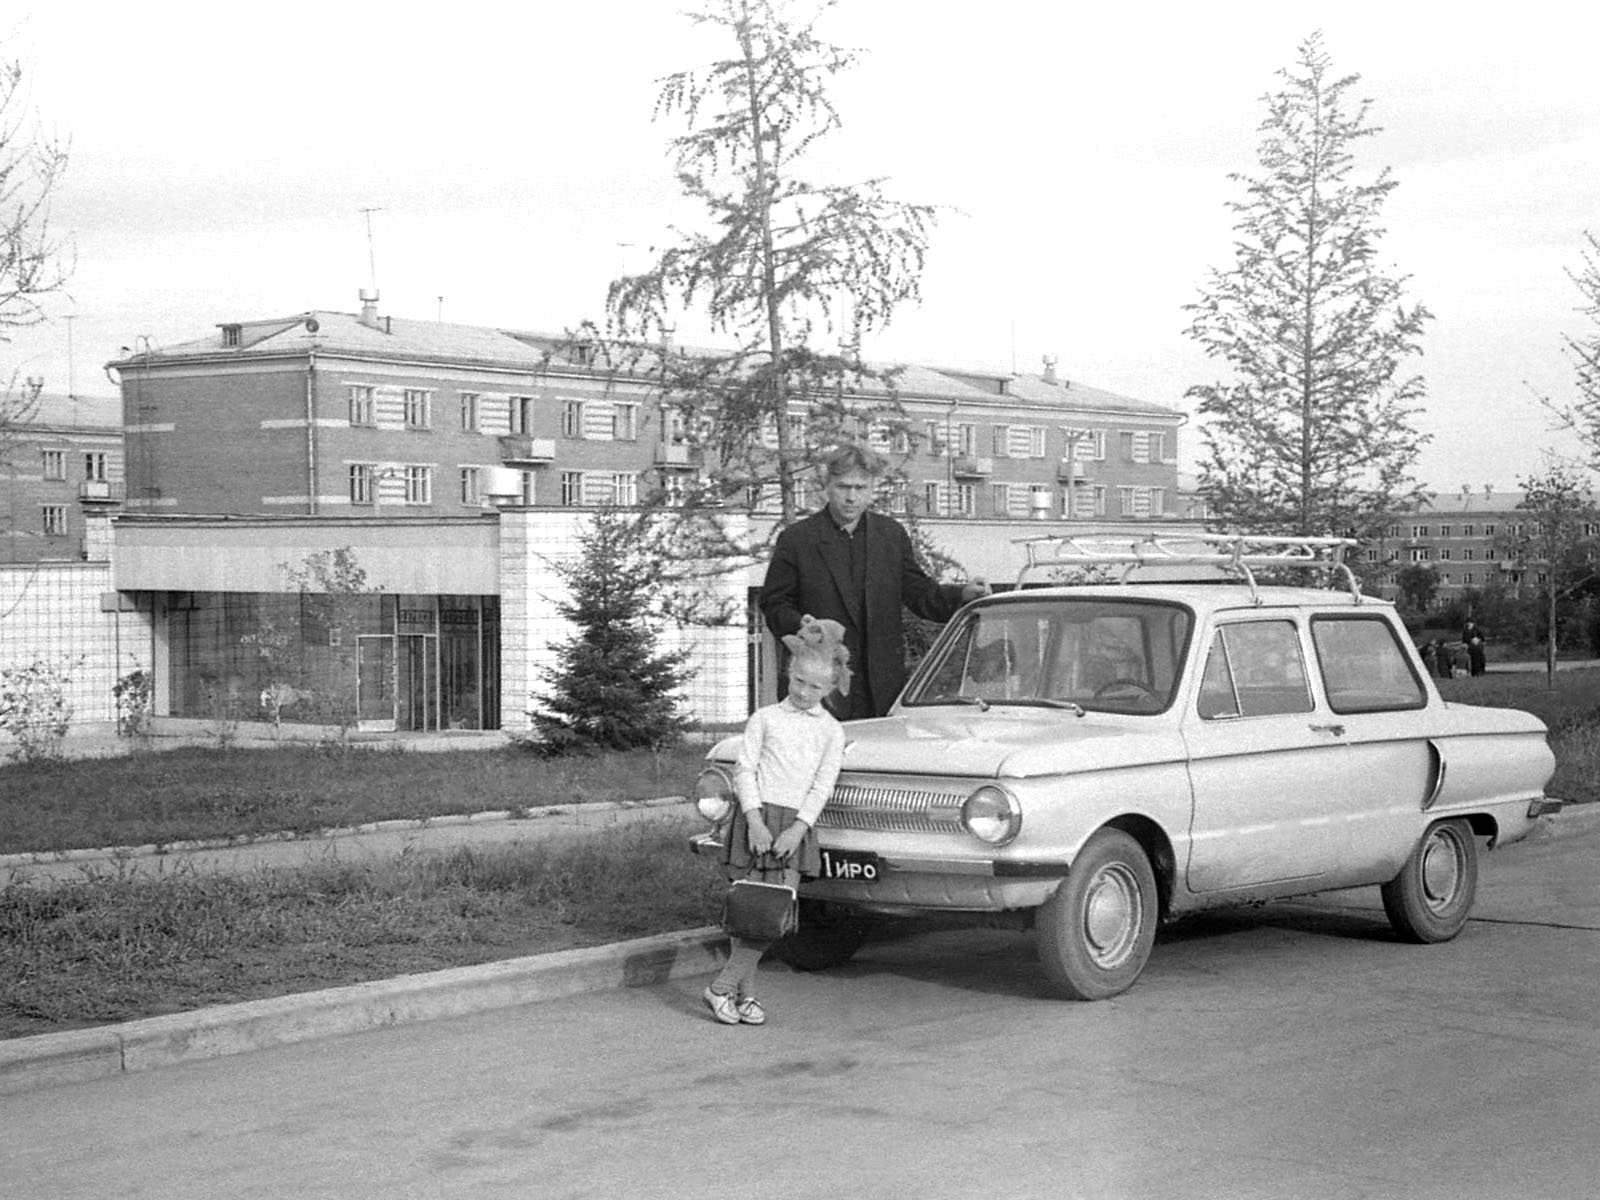 1970. Академгородок, август